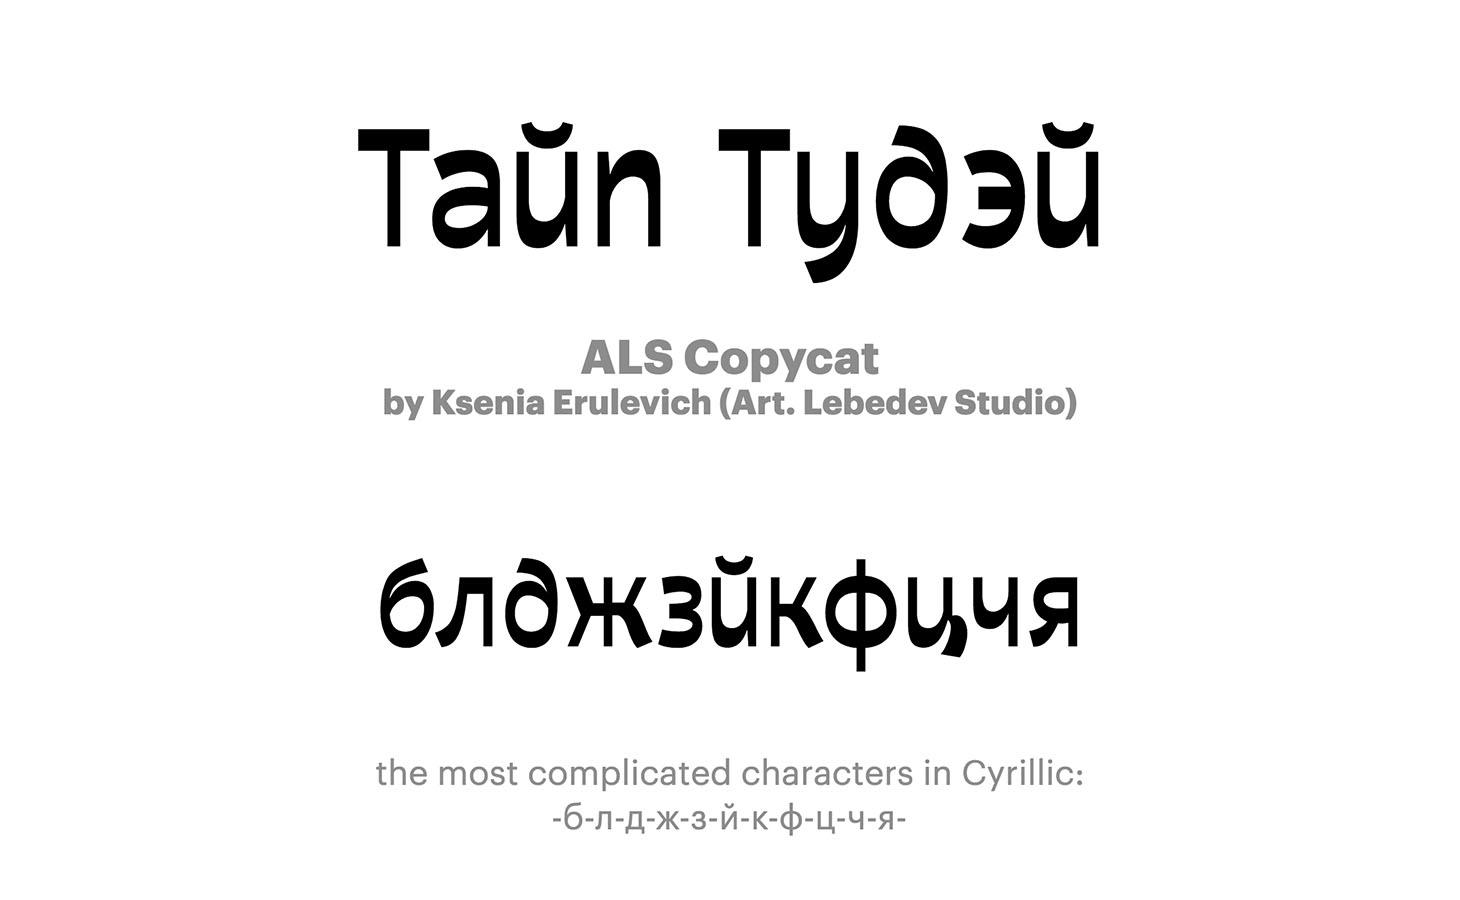 ALS-Copycat